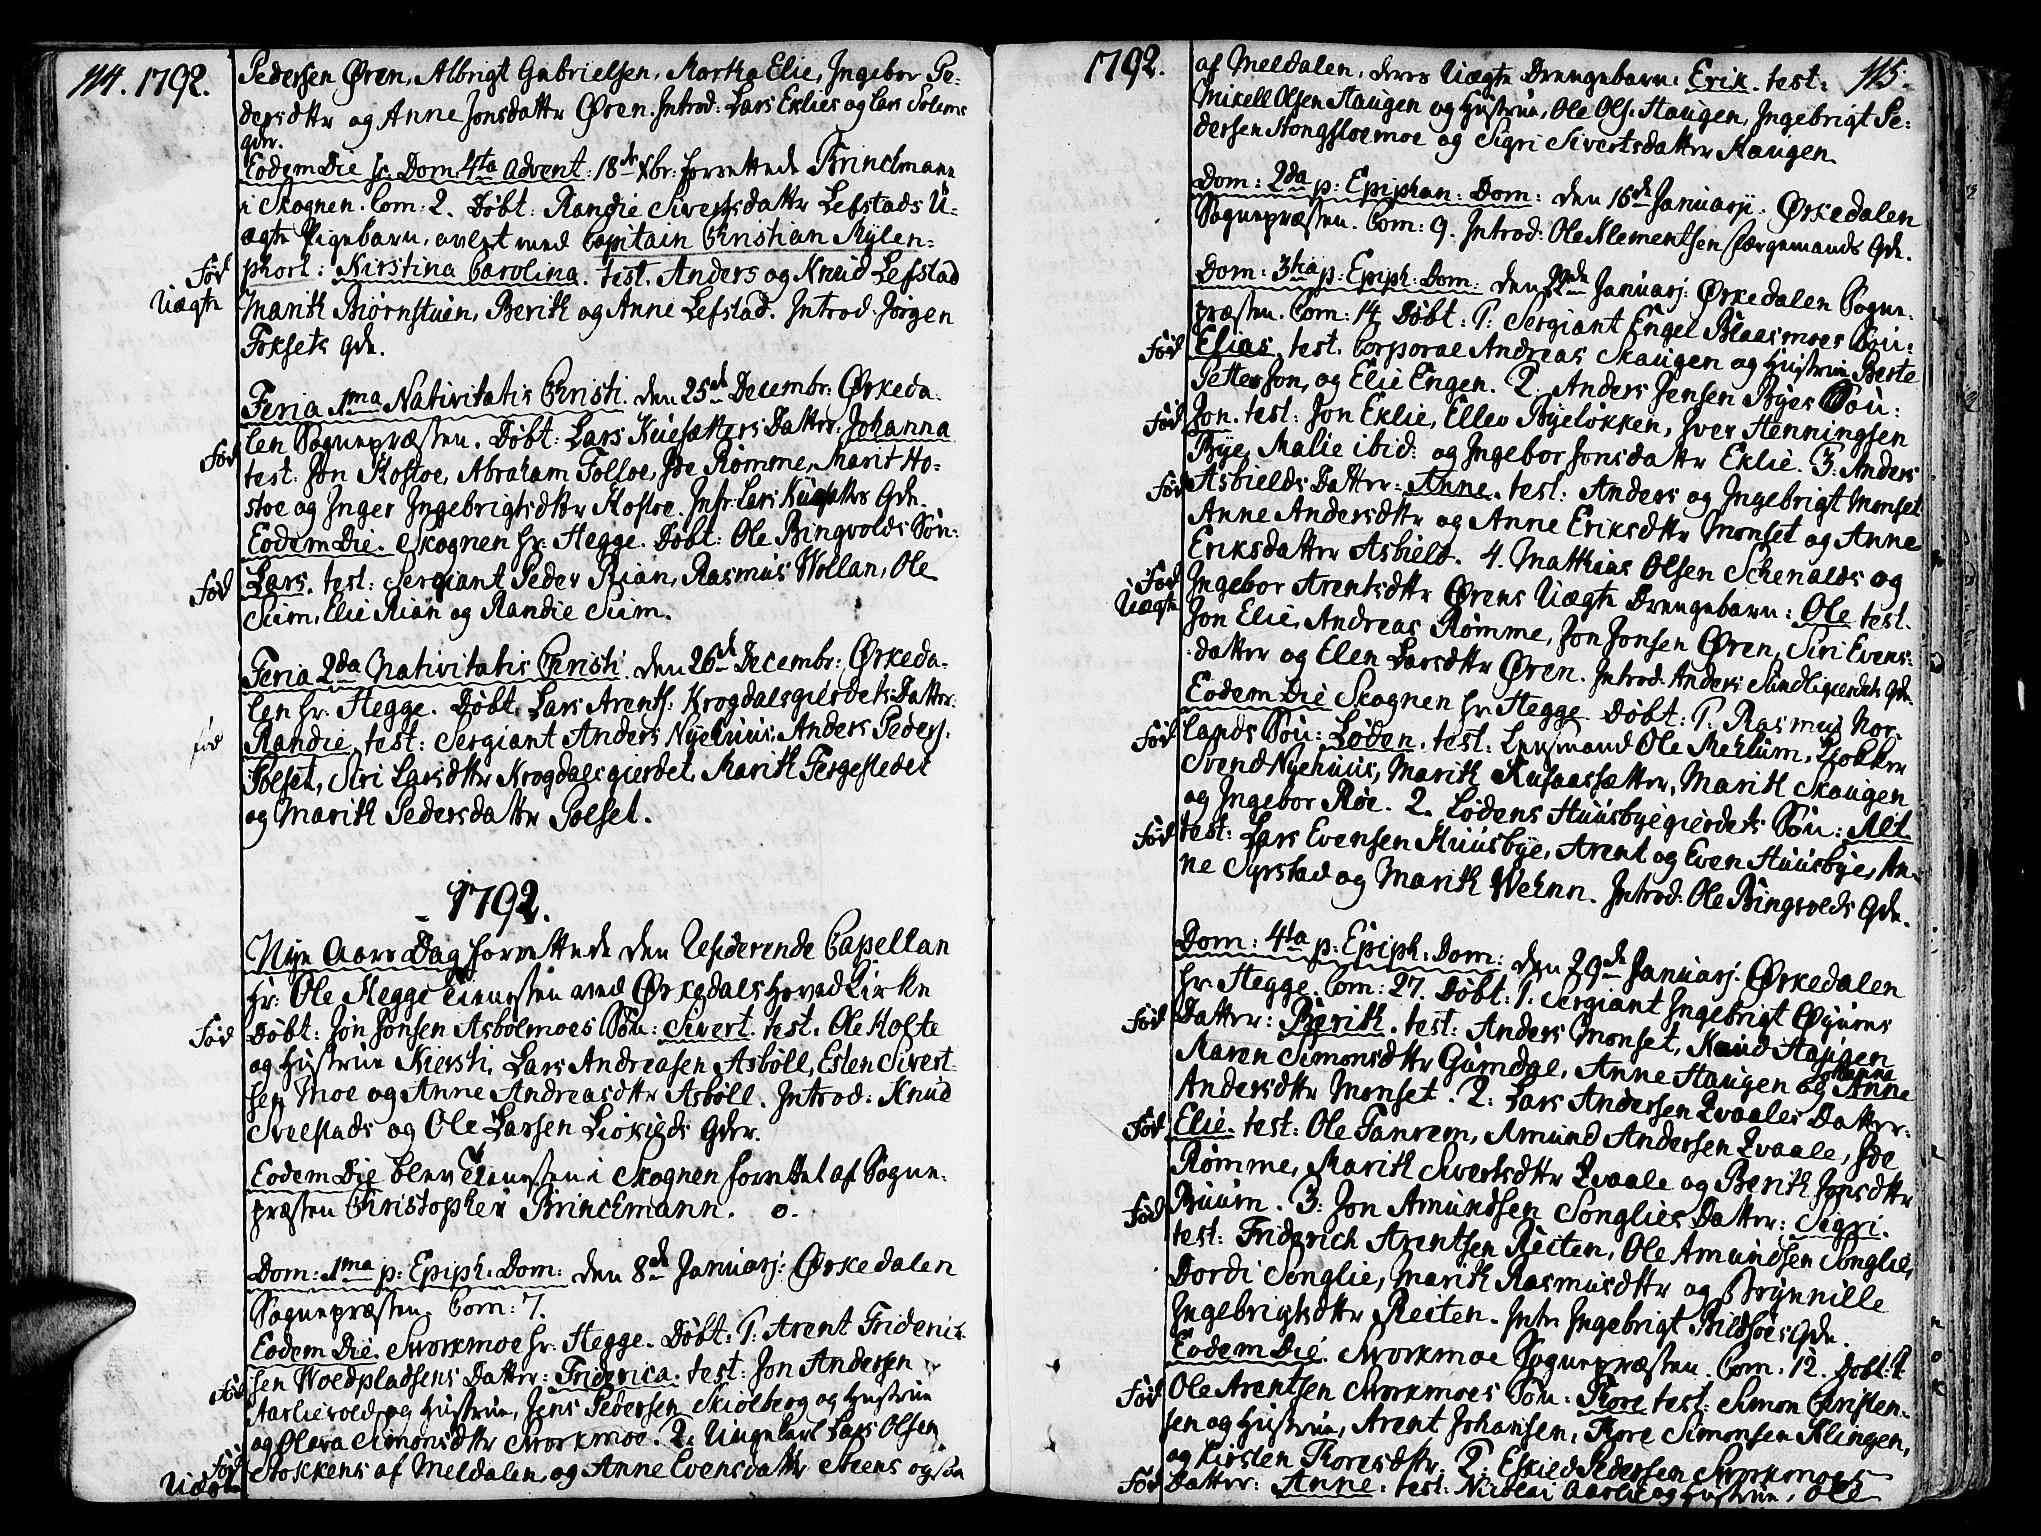 SAT, Ministerialprotokoller, klokkerbøker og fødselsregistre - Sør-Trøndelag, 668/L0802: Ministerialbok nr. 668A02, 1776-1799, s. 214-215